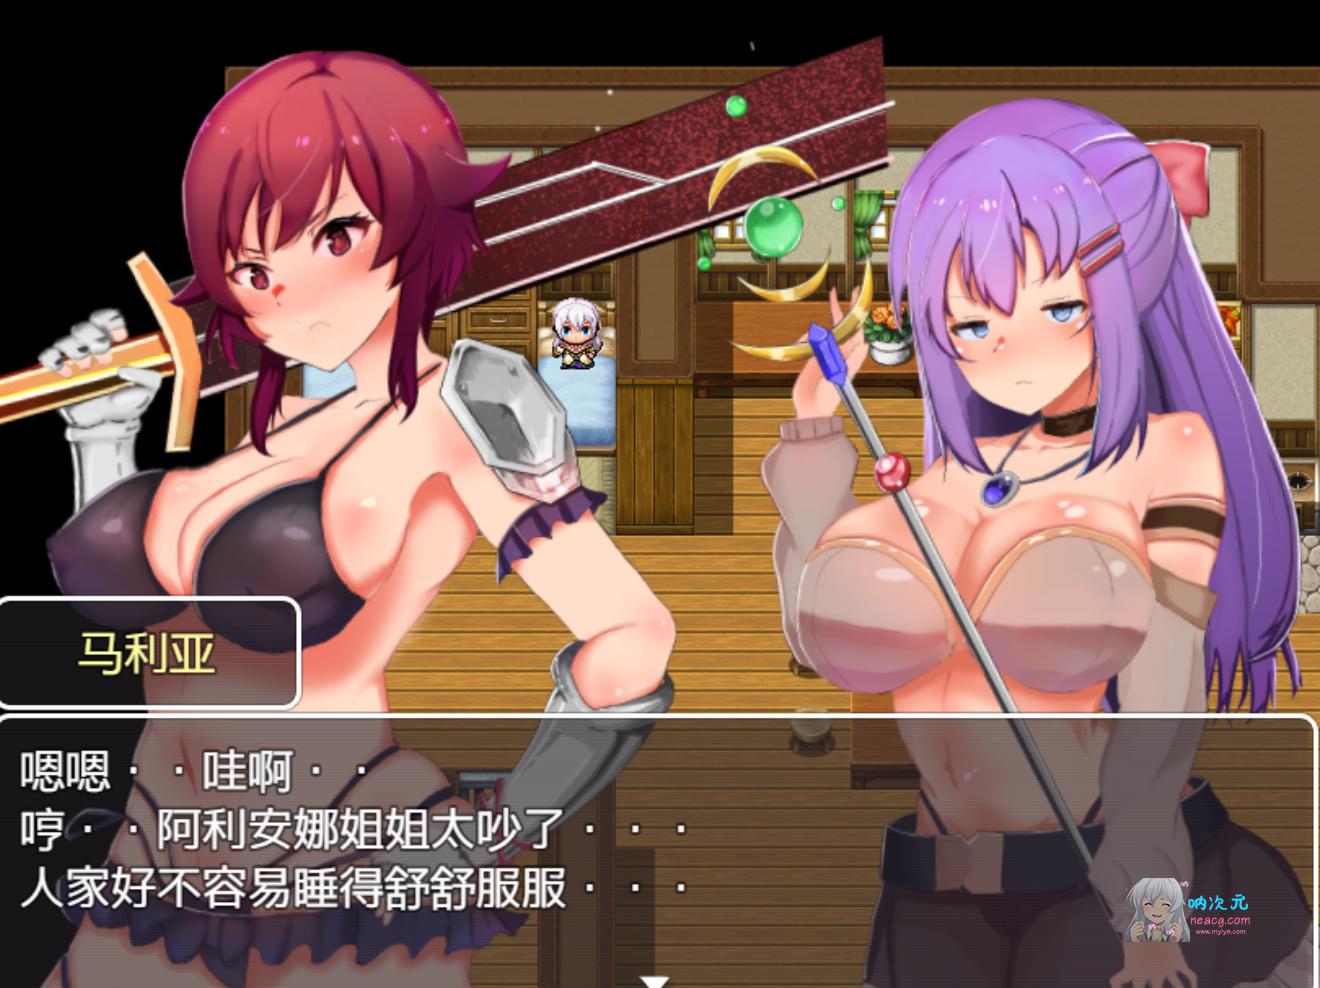 【恶堕RPG】英雄姐妹~爱丽安娜与玛利亚 精翻汉化版+全CG【新汉化/PC+安卓/1.2G】